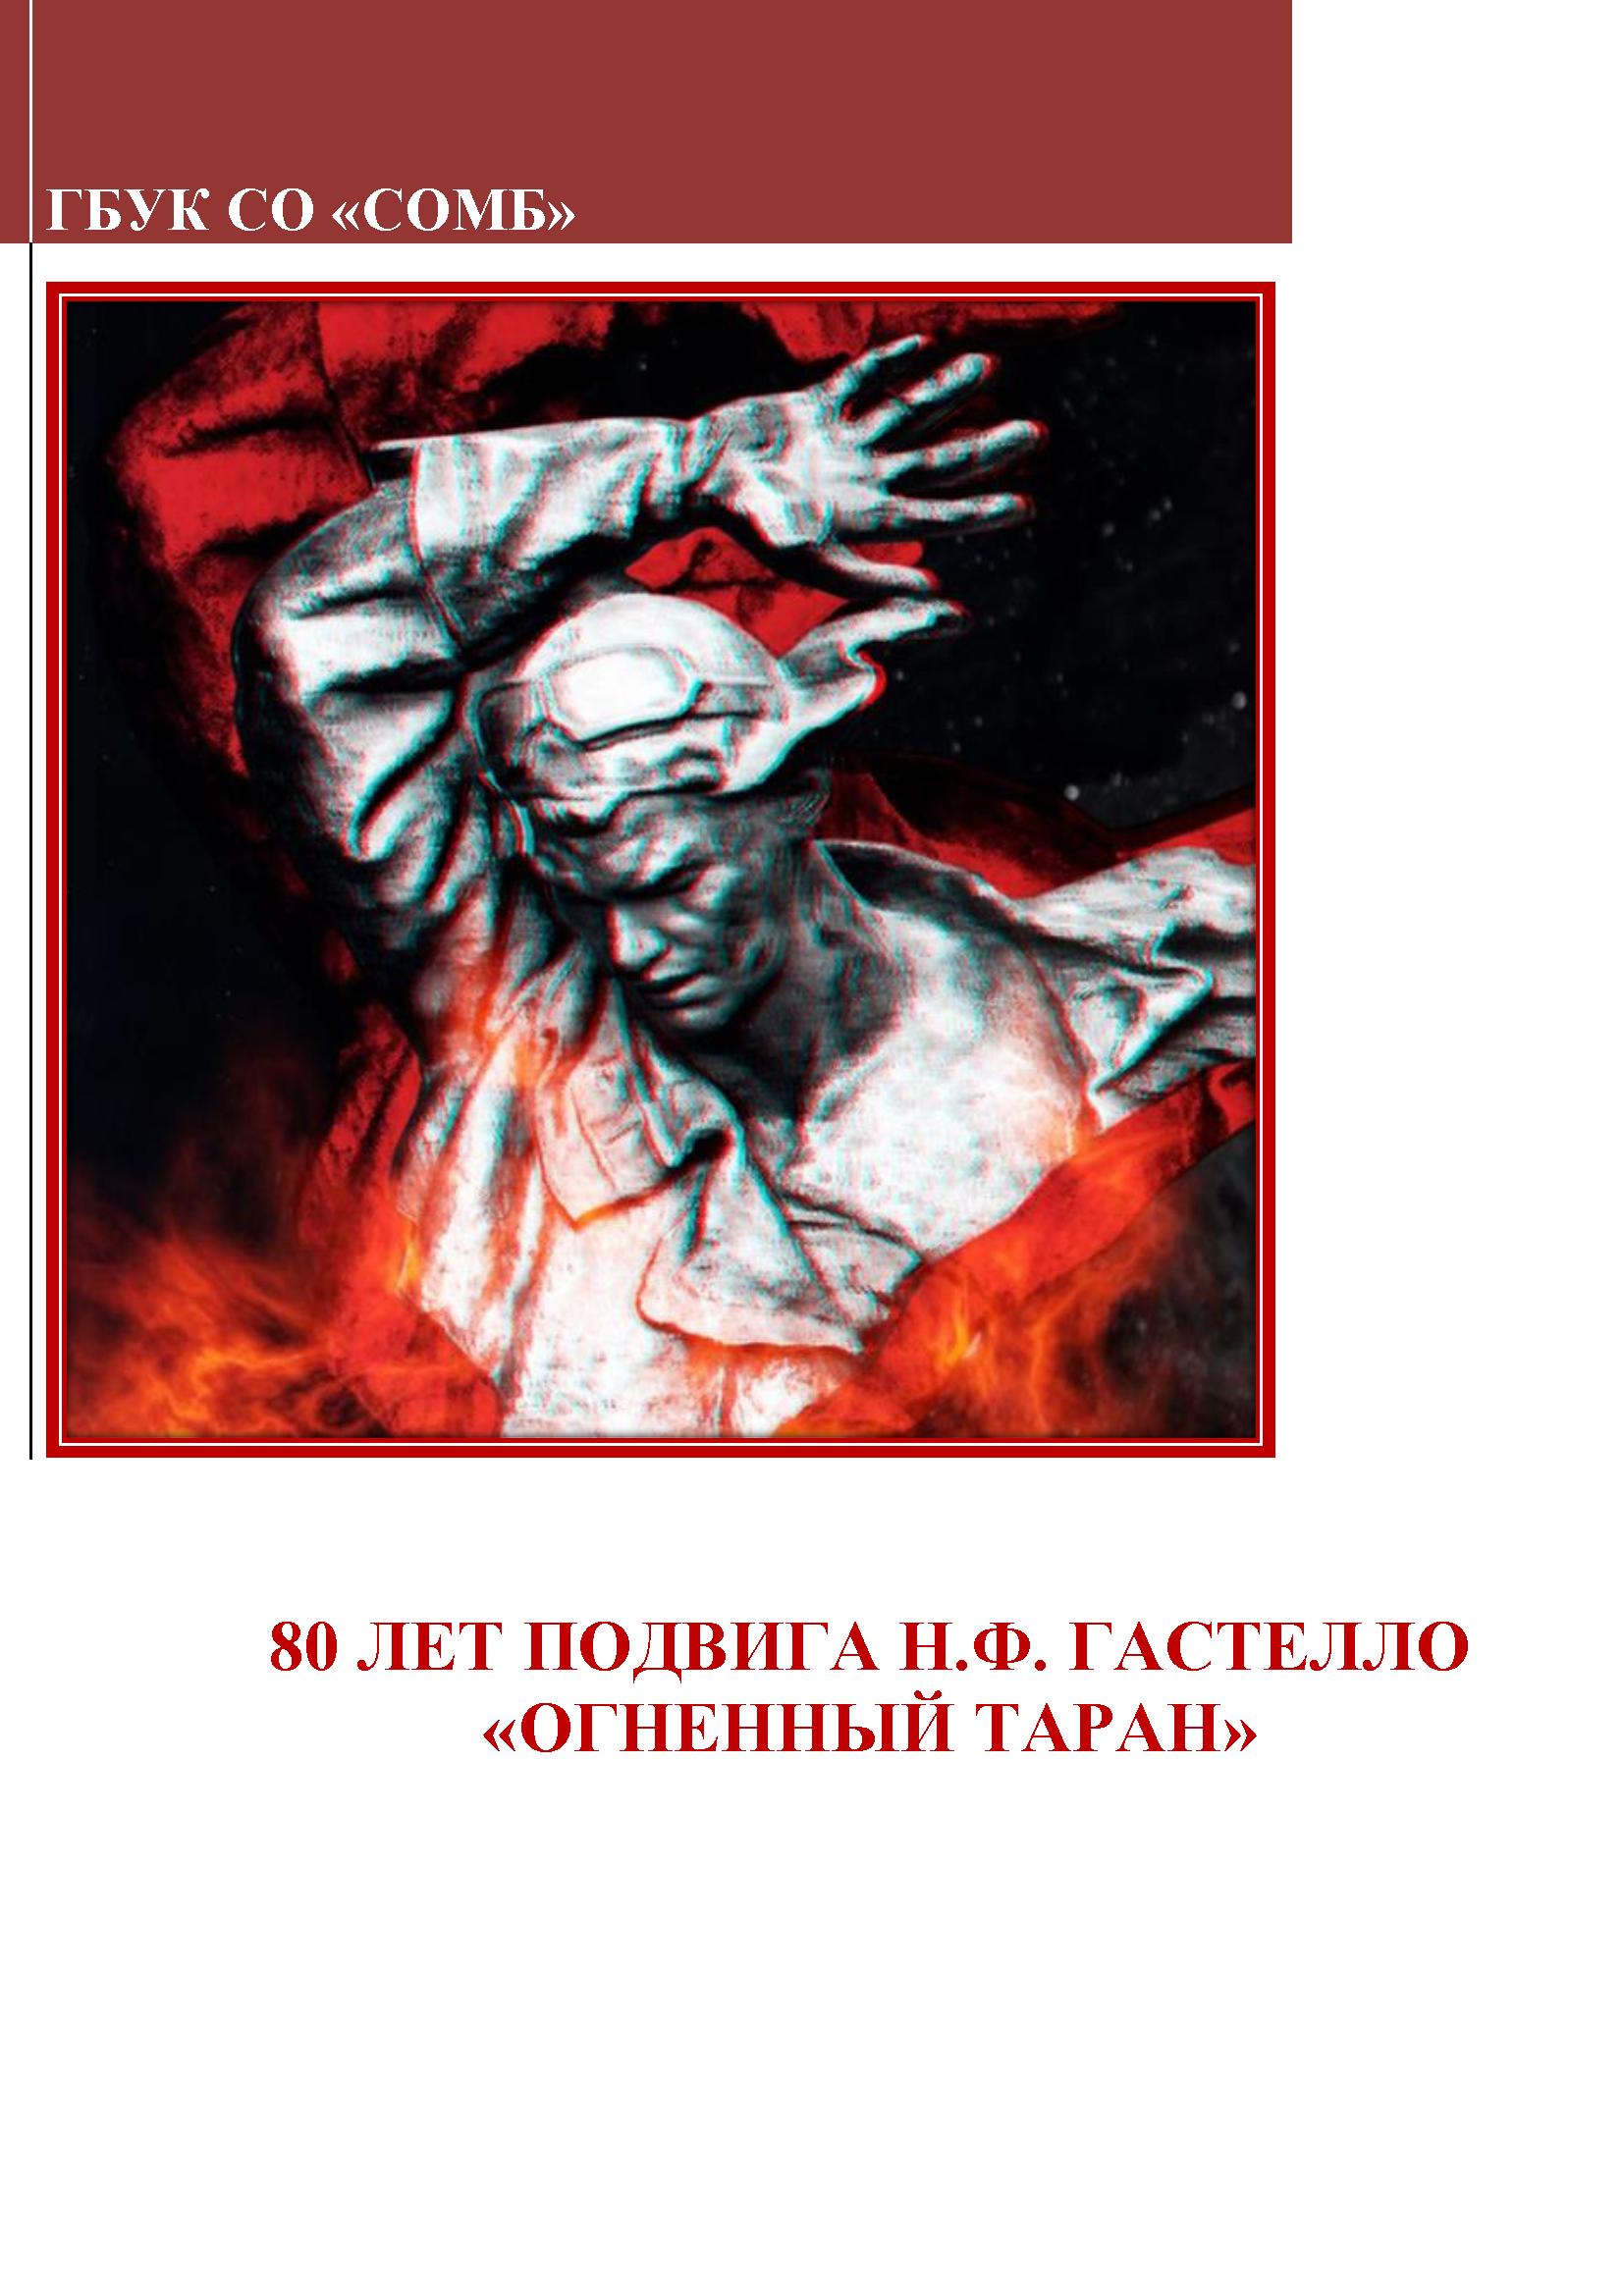 80 ЛЕТ ПОДВИГА Н.Ф. ГАСТЕЛЛО «ОГНЕННЫЙ ТАРАН»